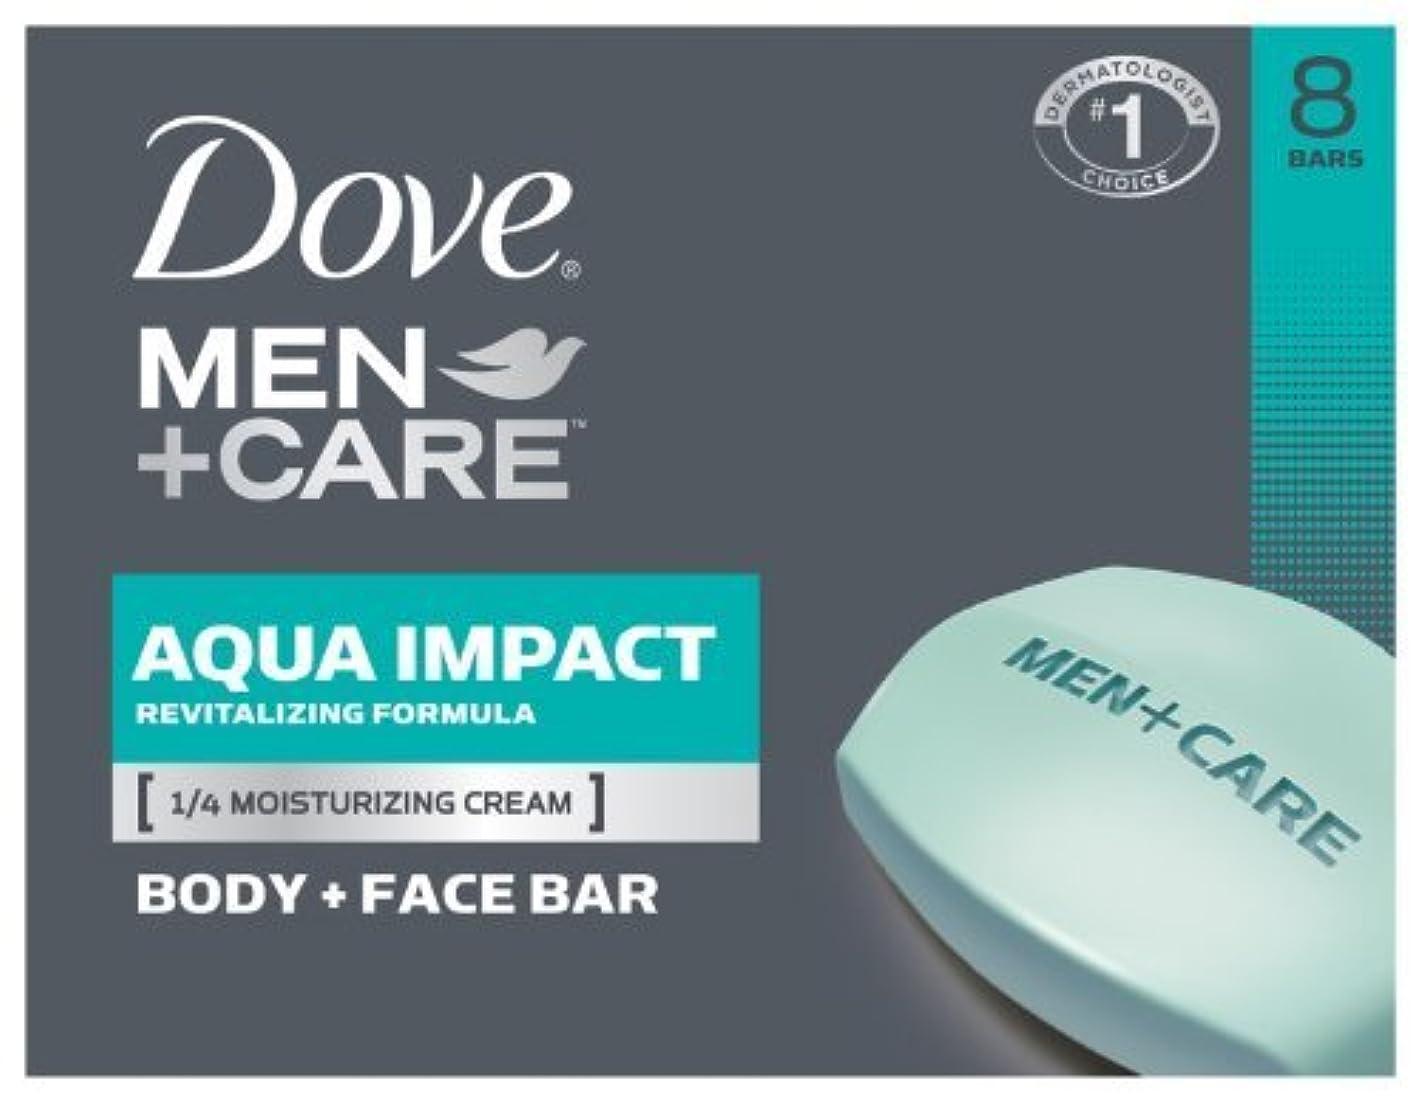 ぶどうスティック不安Dove Men+Care Body and Face Bar, Aqua Impact 4 oz, 8 Bar by Dove [並行輸入品]